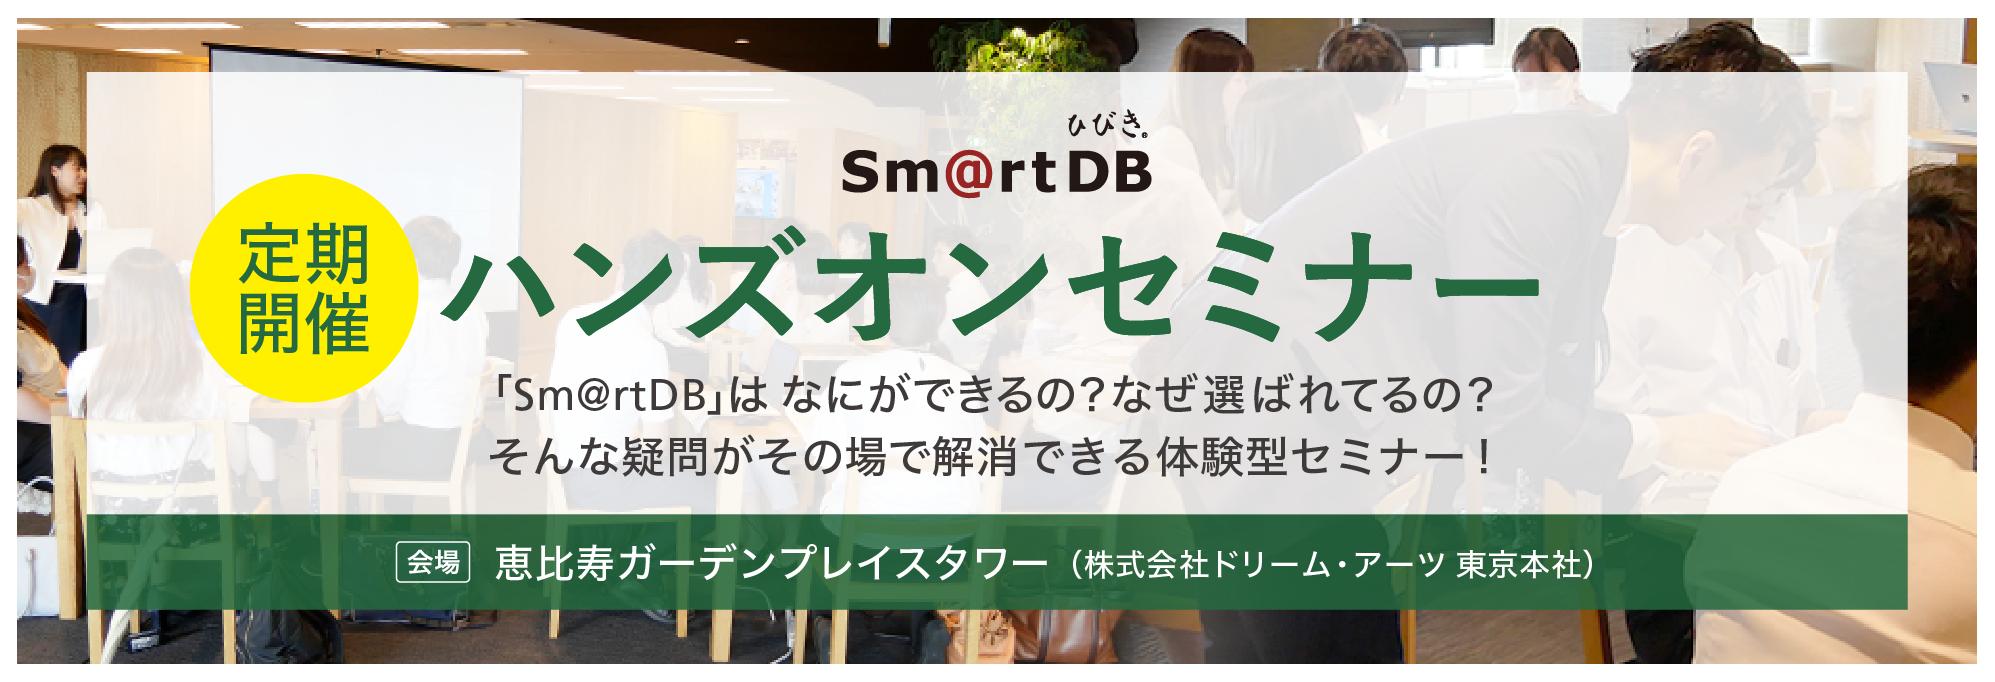 SmartDBハンズオンセミナー